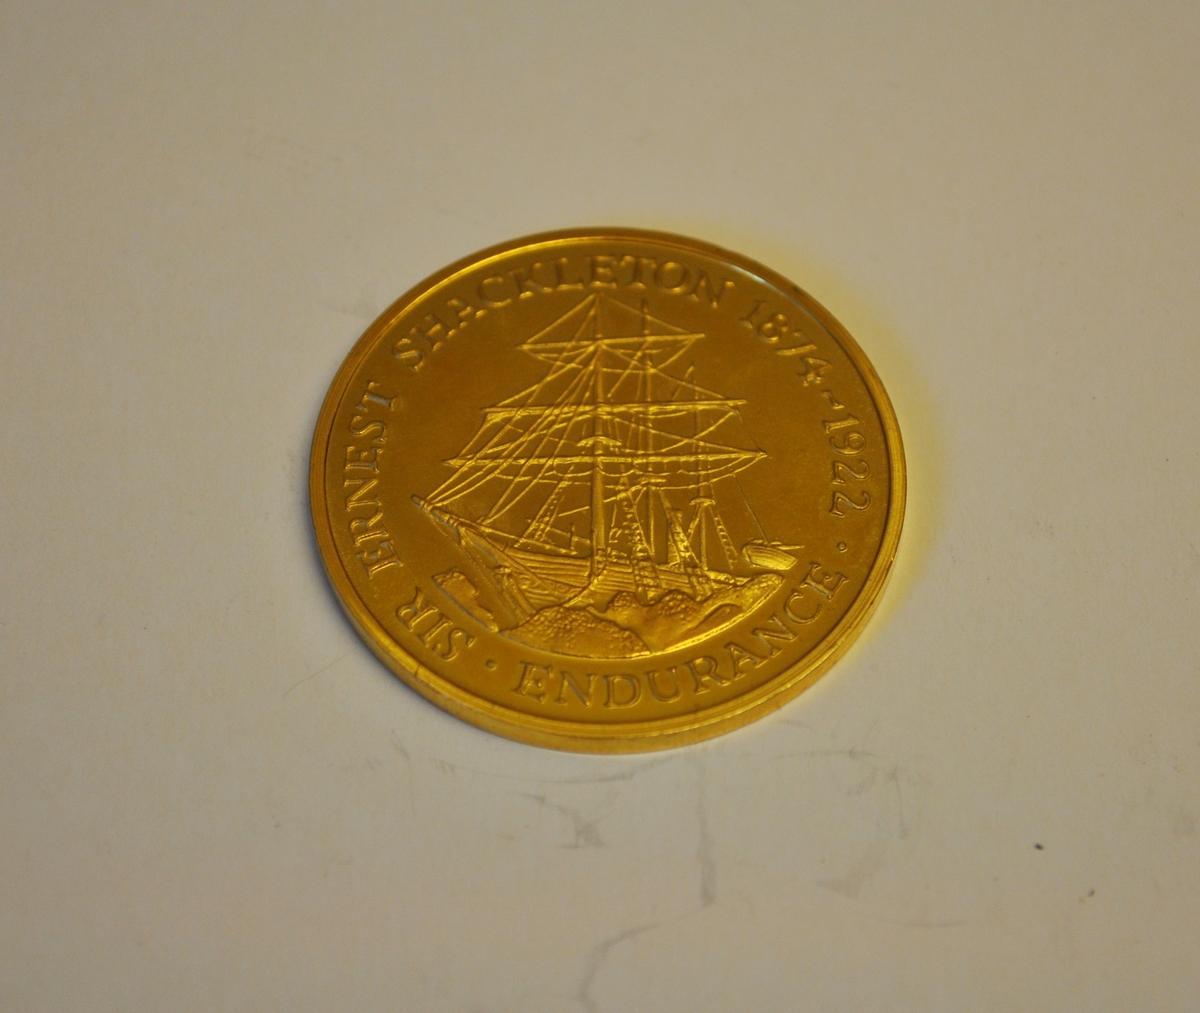 """Minnesmynt över """"Robert Falcon Scott 1868-1912 Terra Nova"""" respektive """"Sir Ernest Shackleton 1874-1922 Endurance"""" på vardera sidan."""